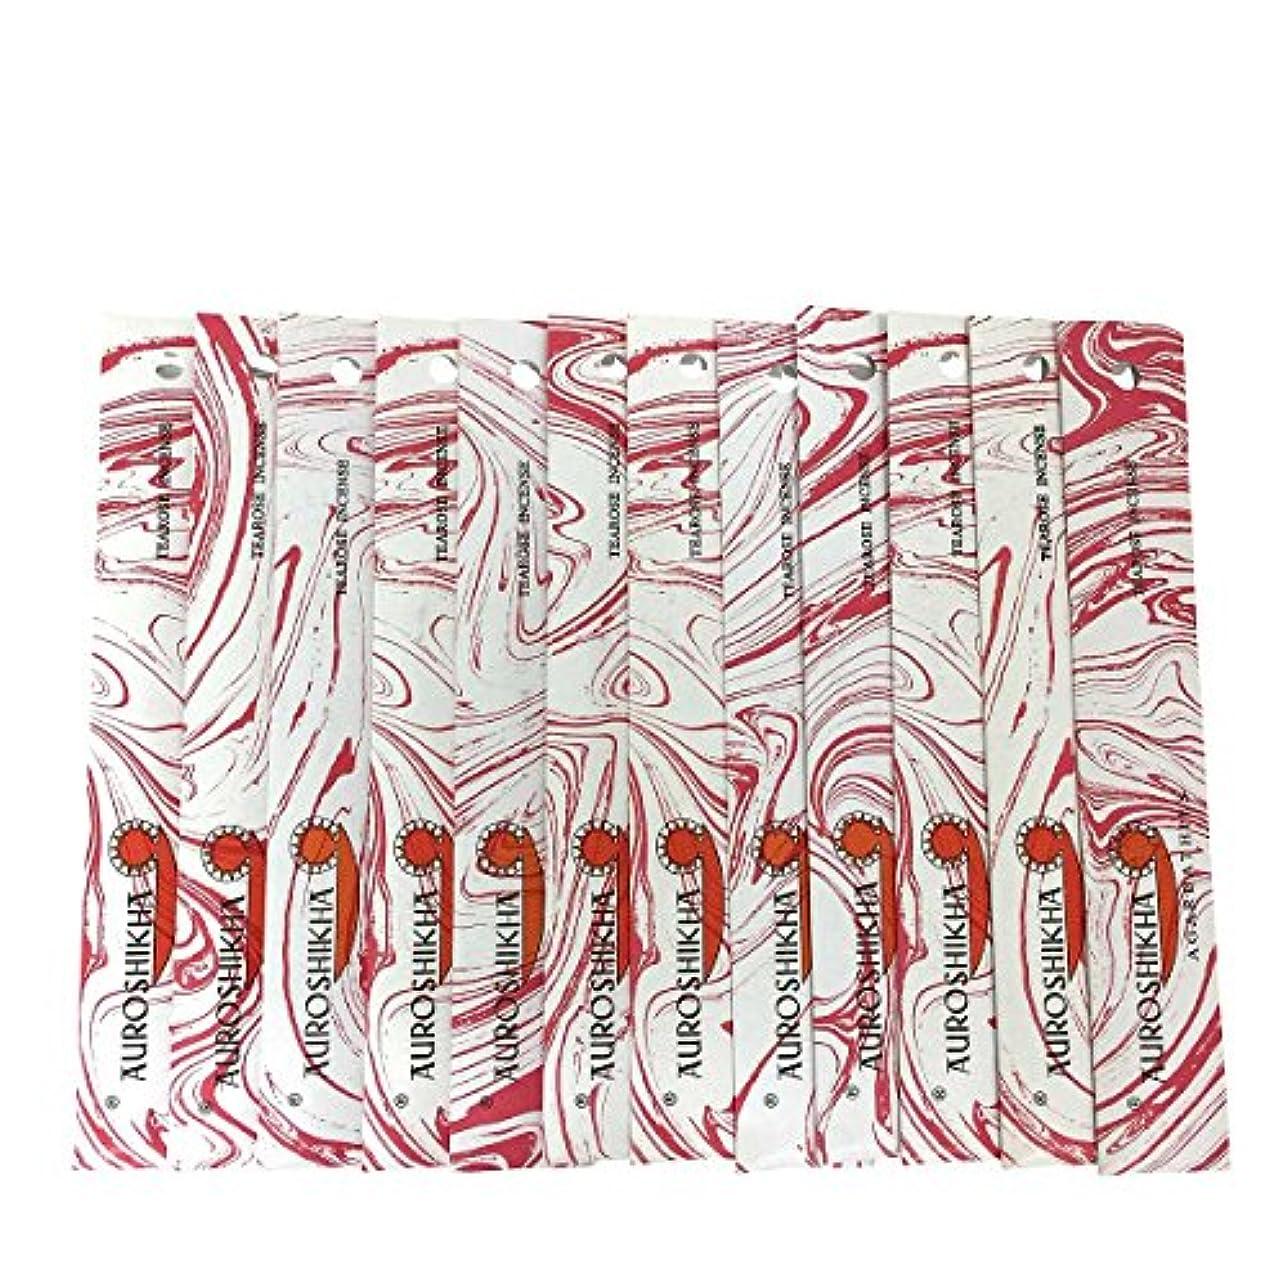 有用高くベイビーAUROSHIKHA オウロシカ(TEAROSEティーローズ12個セット) マーブルパッケージスティック 送料無料